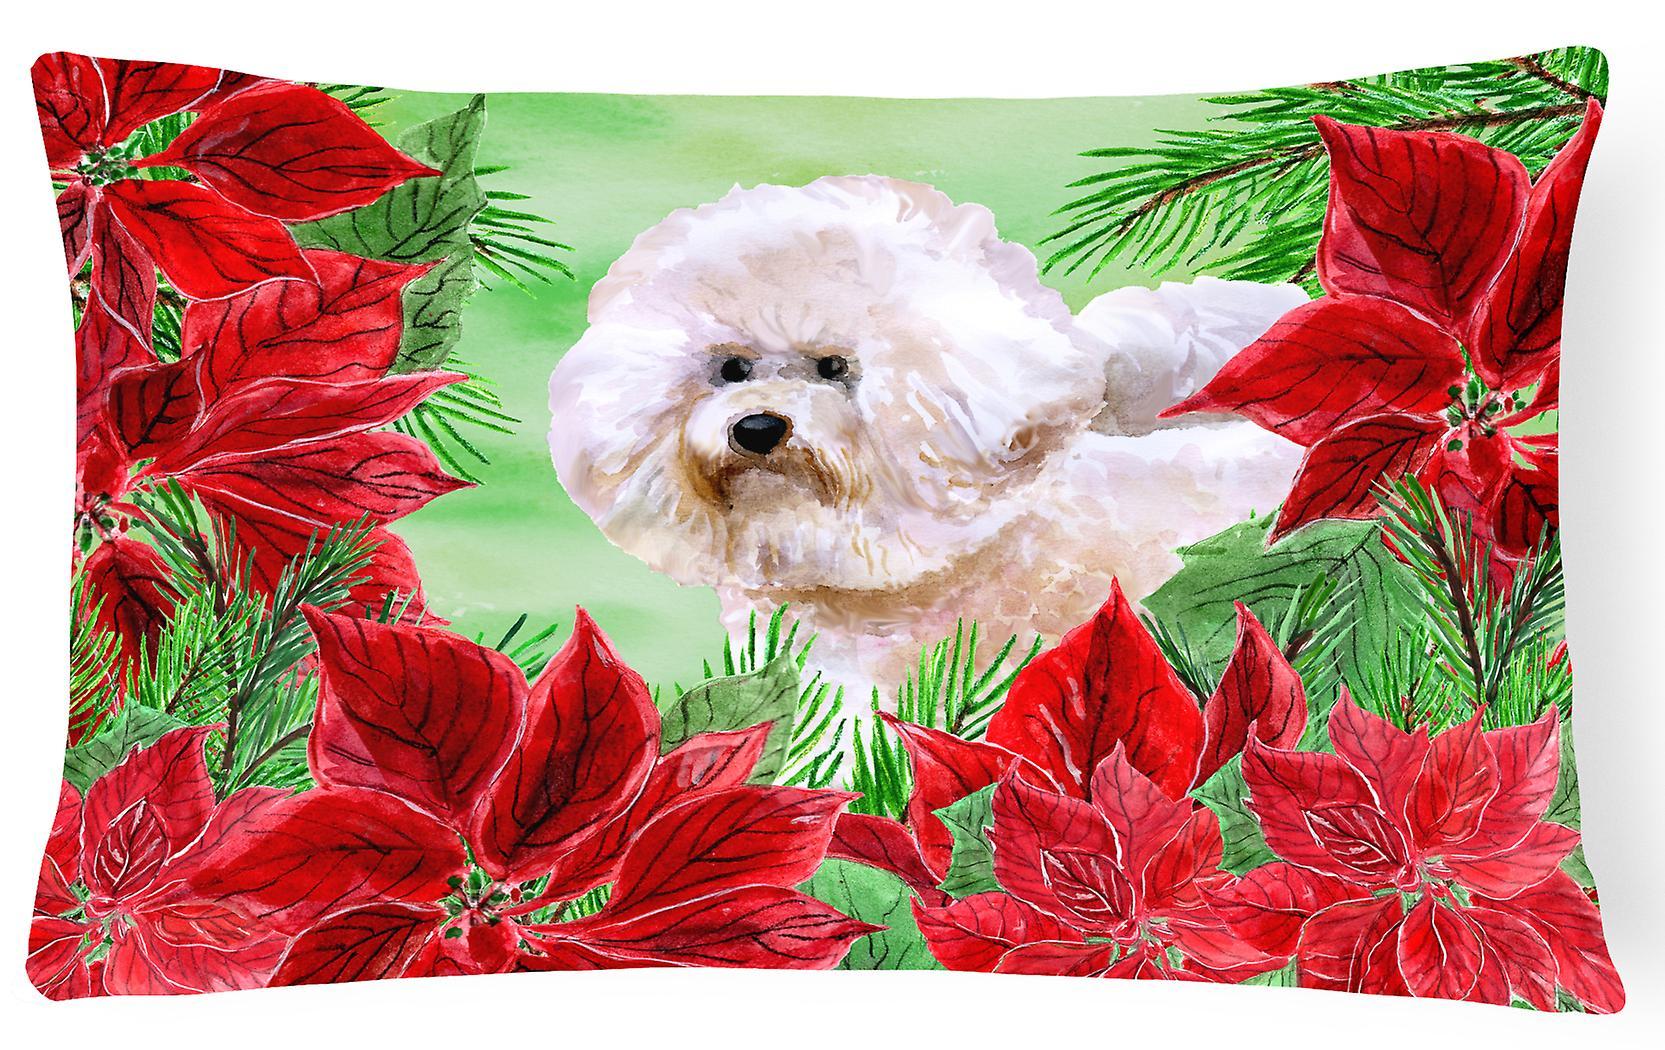 Decorative Bichon Fabric Frise2 Pillow Poinsettas Canvas 3AjcS4RLq5